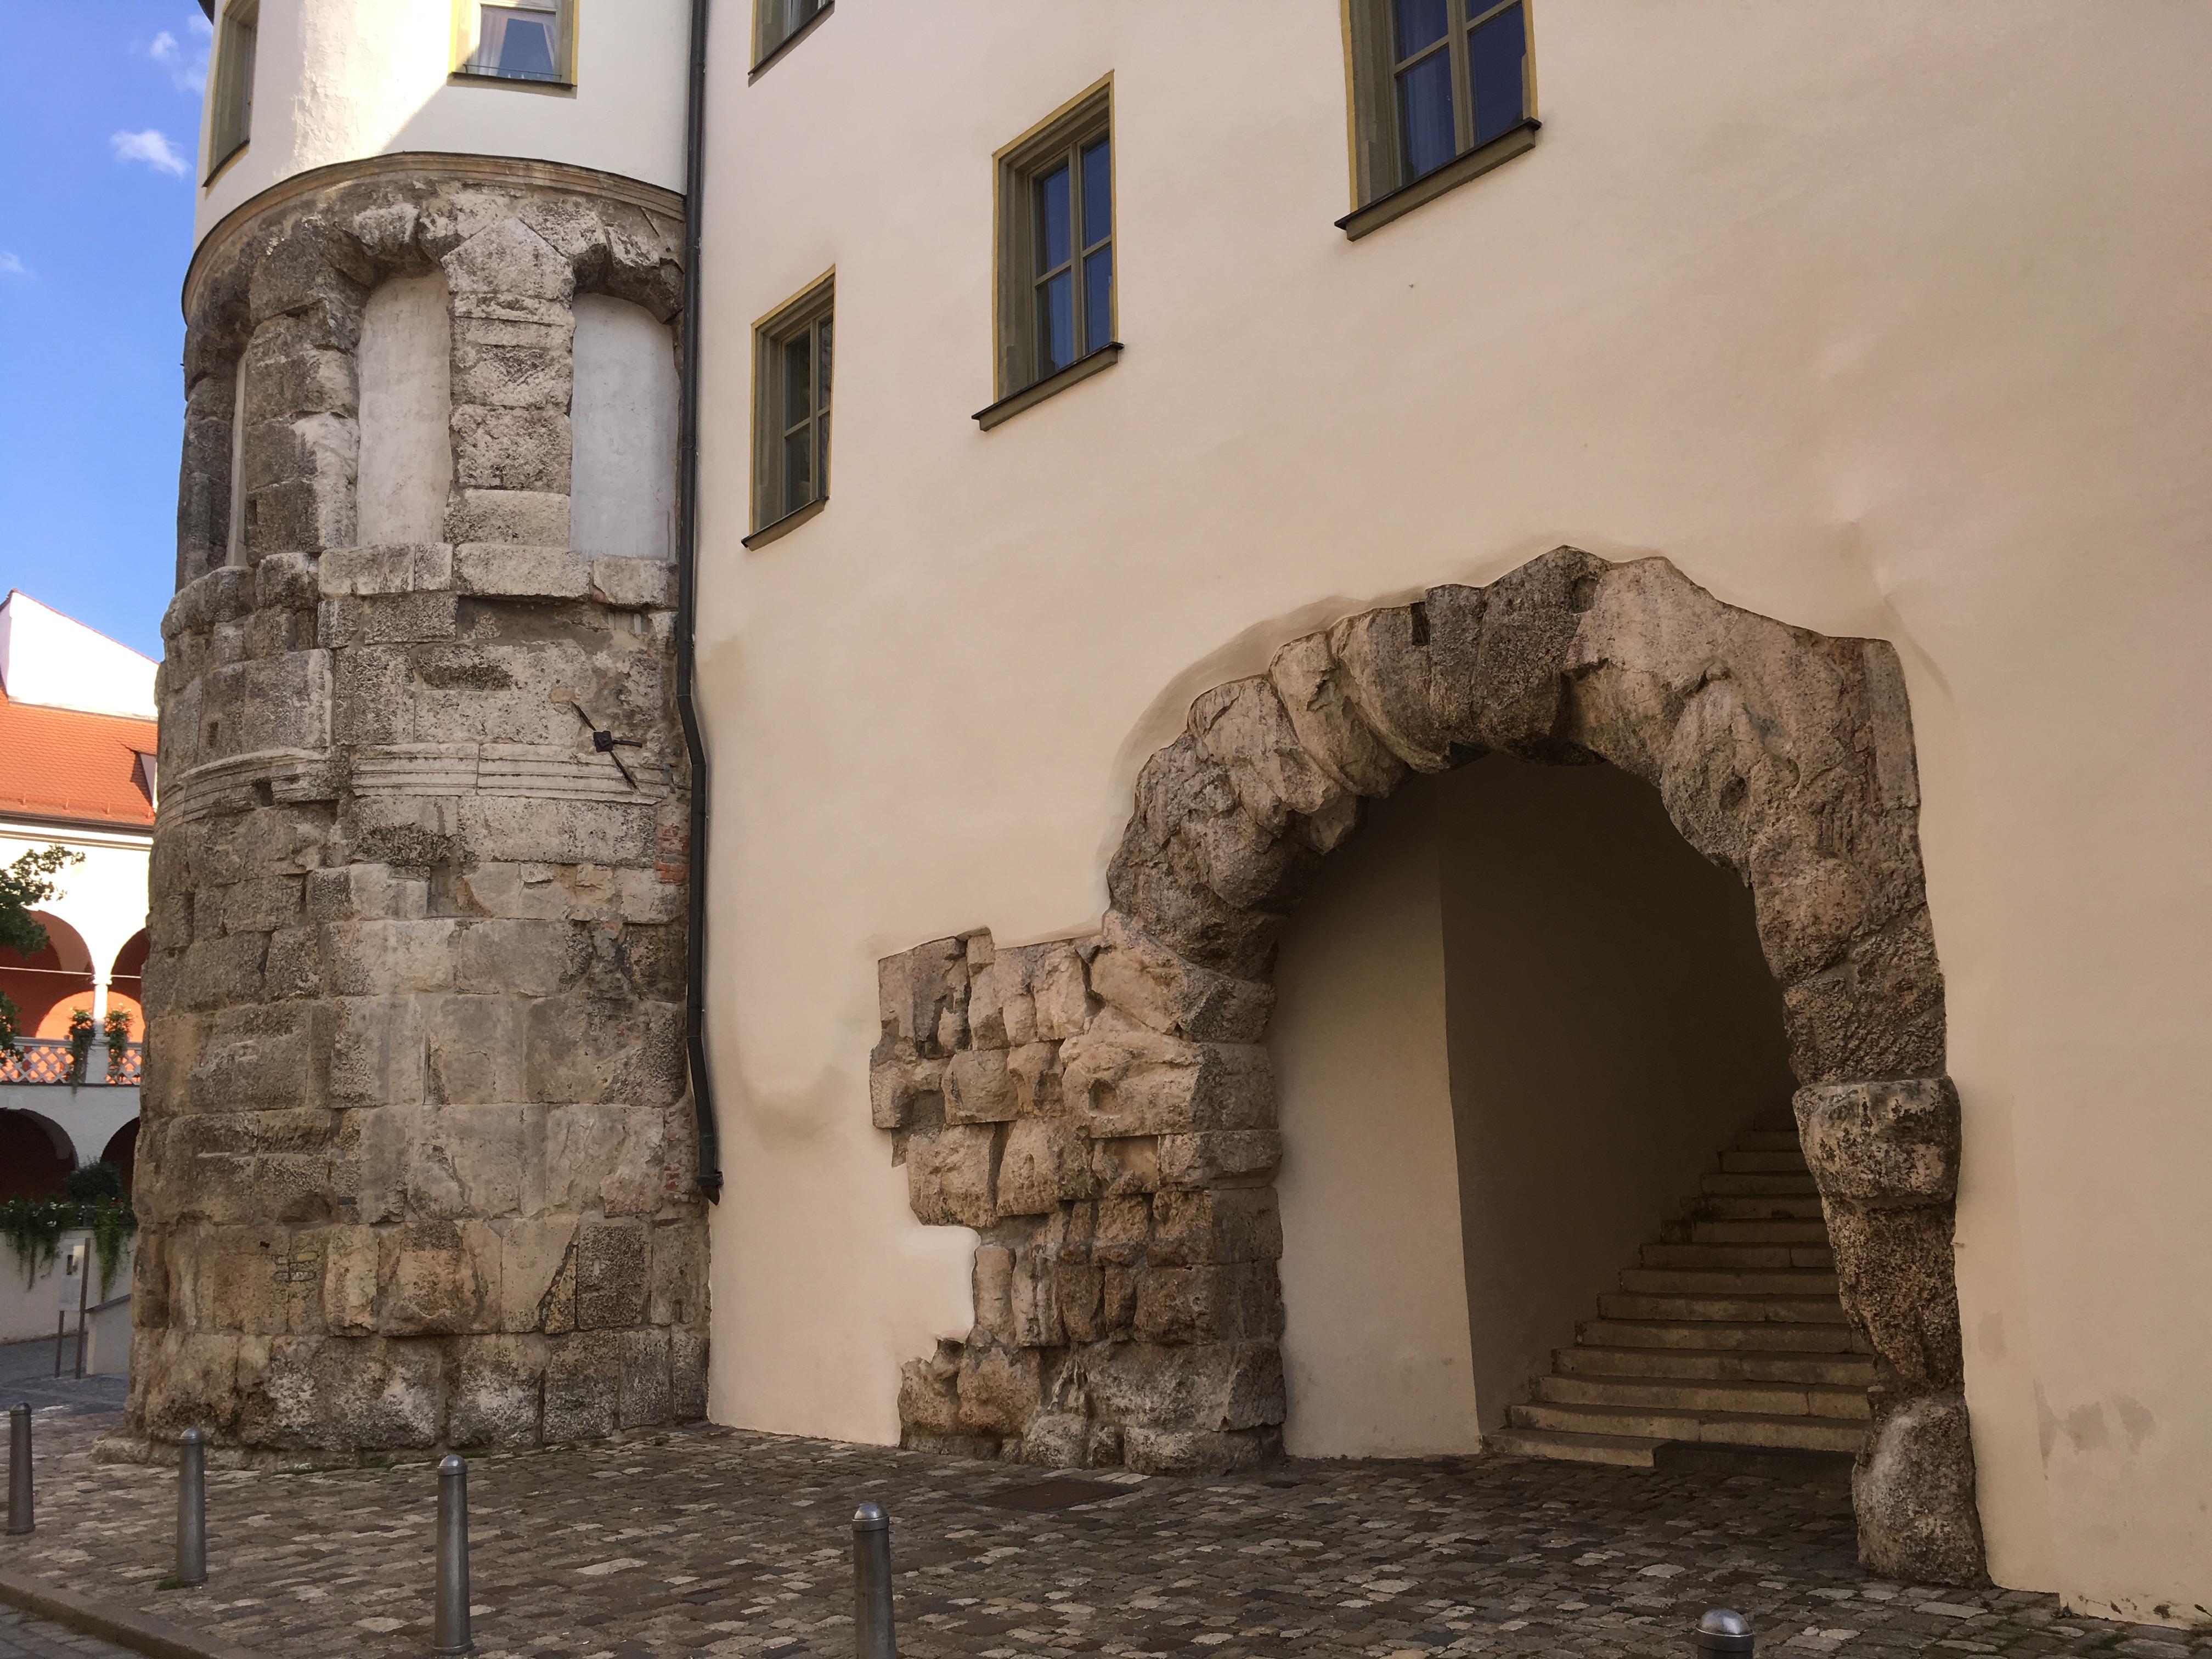 Die Porta Praetoria in Regensburg ist ein römisches Tor und eines der ältesten erhaltenen Bauwerke der Stadt